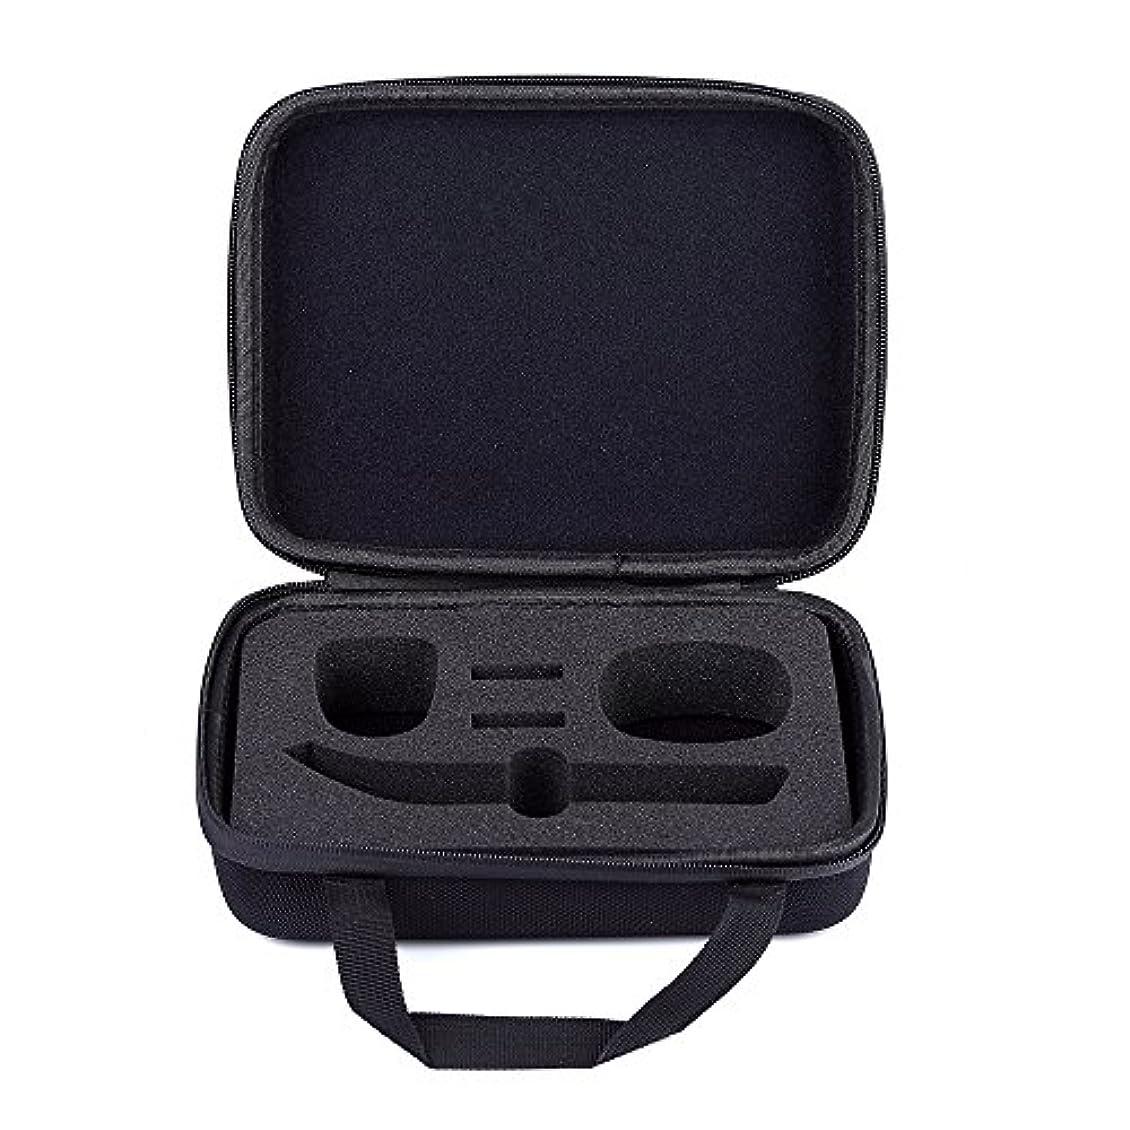 キラウエア山虫縮れたRETYLY トラベルのハードバッグ、携帯用ケース、Norelco Oneblade Pro用、転倒防止、防水、実用的なPhilipsシェーバー用の収納ボックス